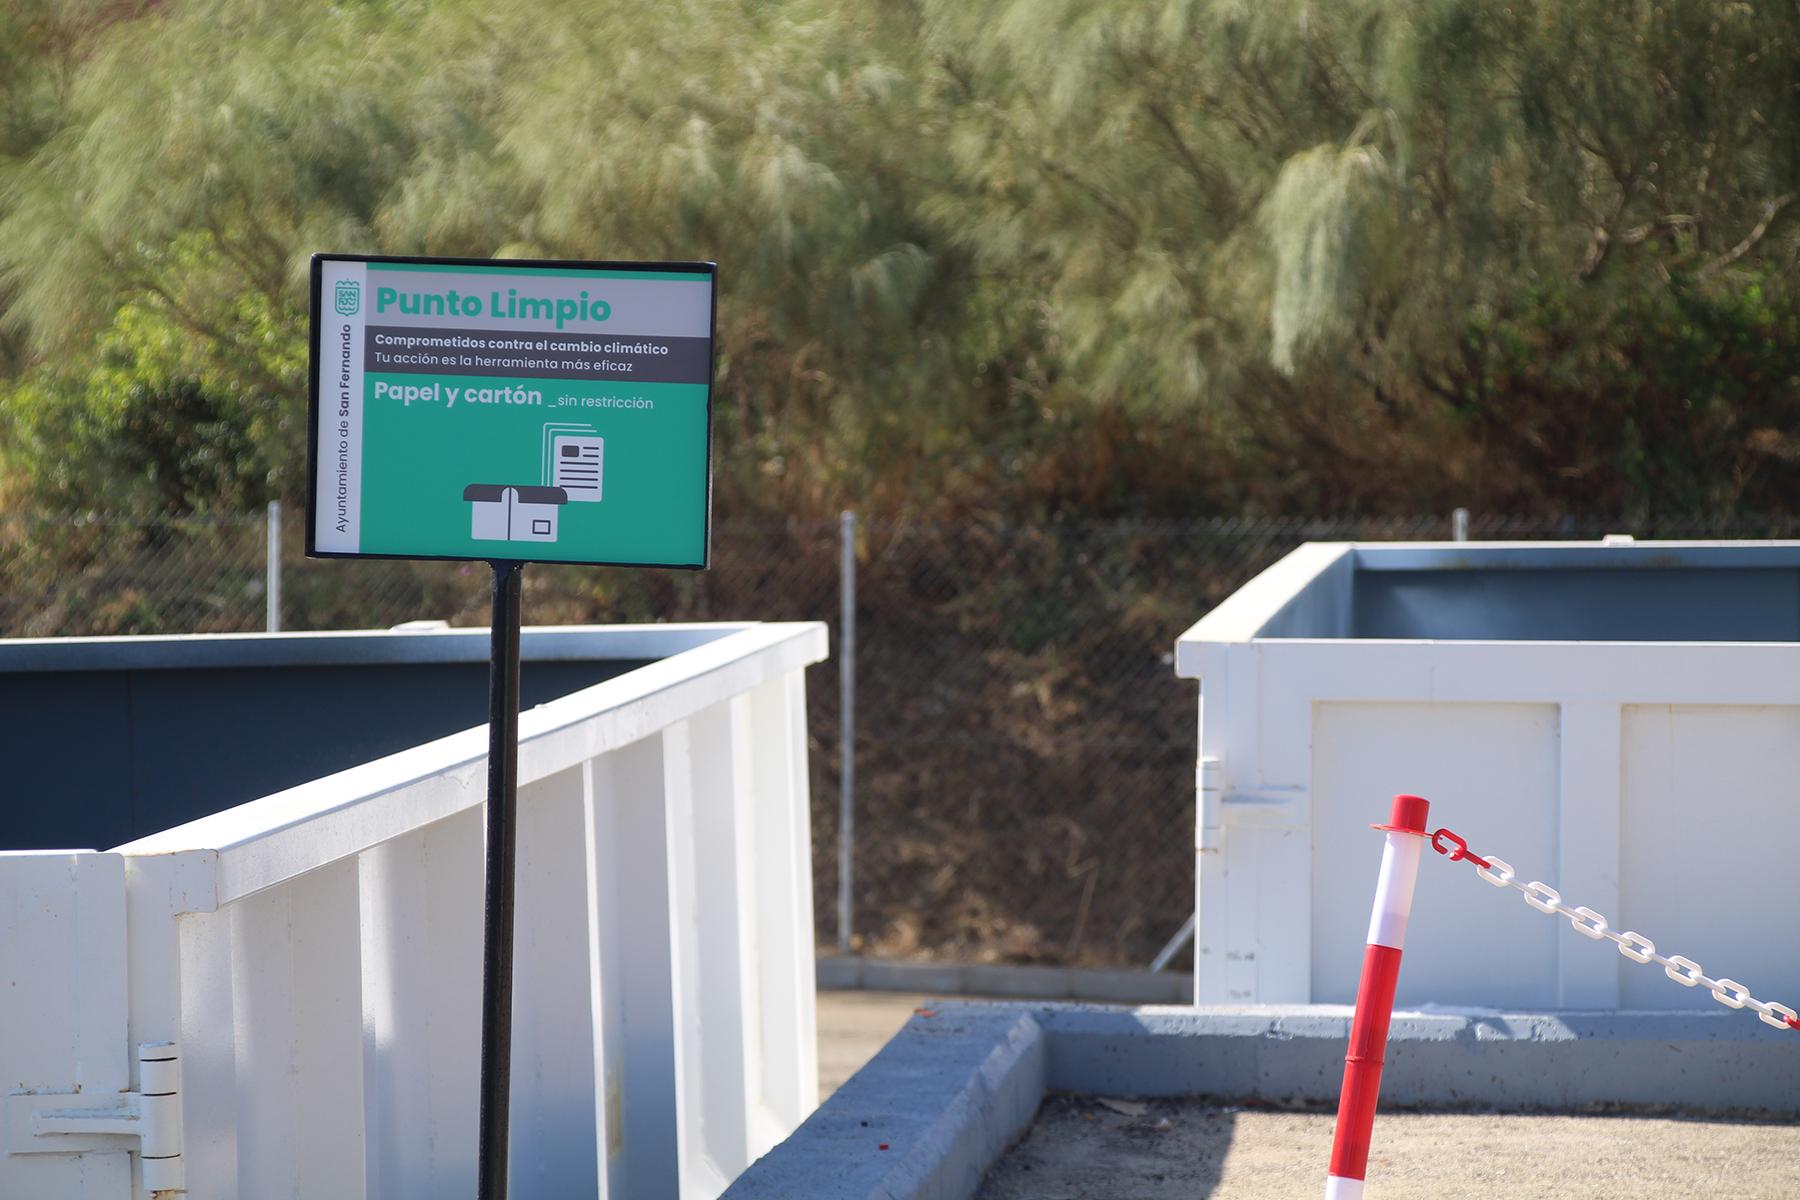 Entra en servicio el nuevo Punto Limpio ubicado en Camposoto